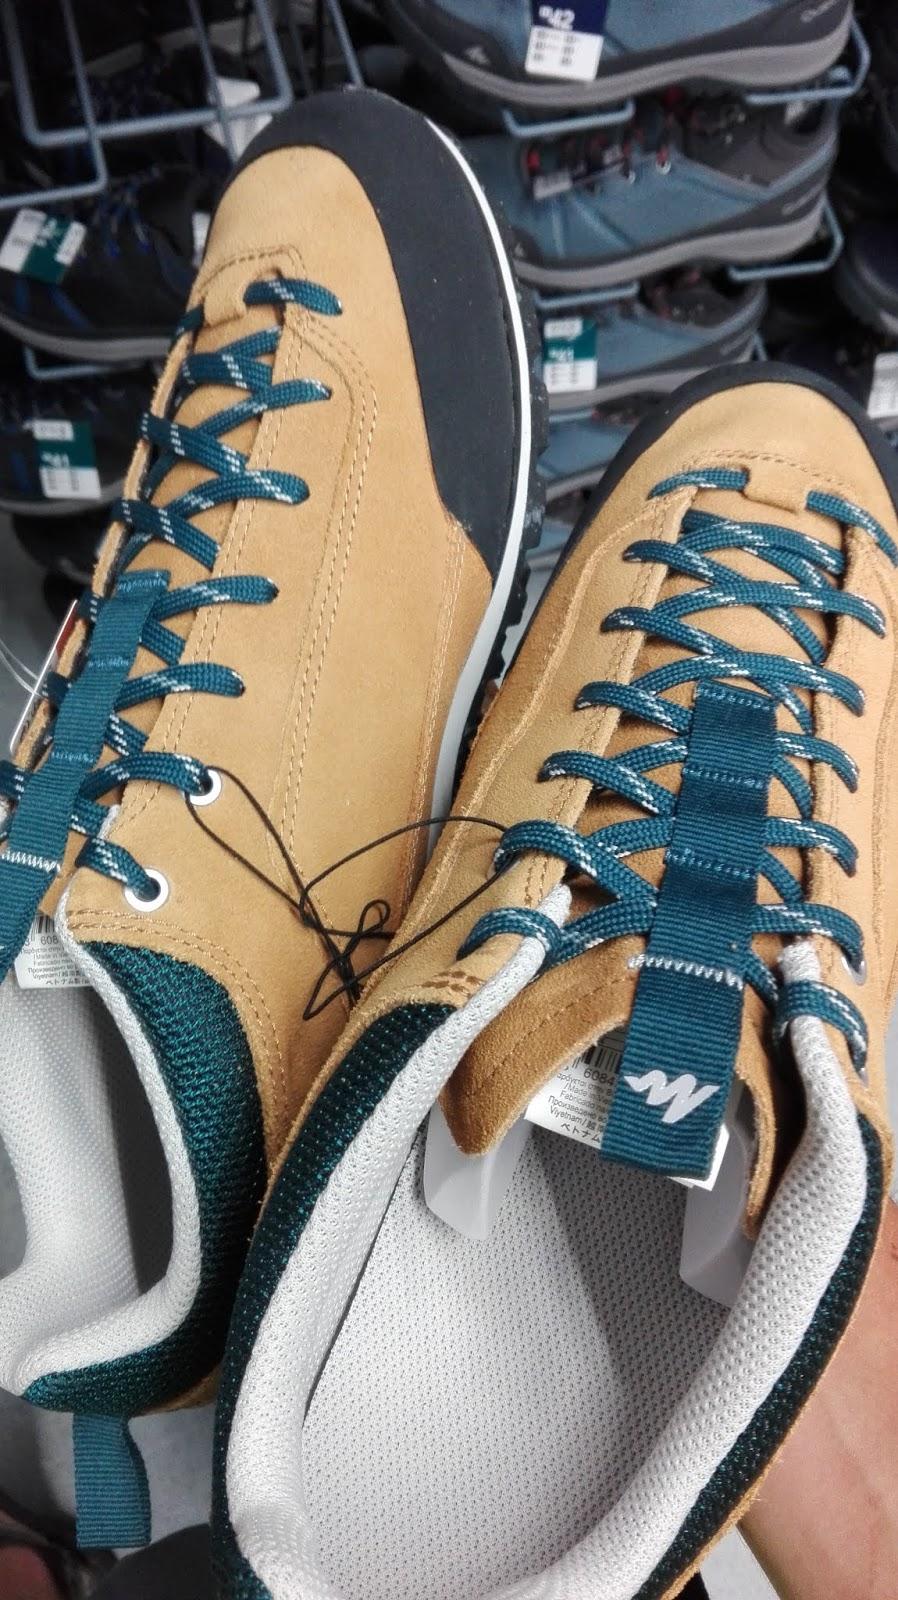 f05f4ec6 Podsumowując Quechua NH500 to dobre buty za śmieszna cenę. W kwocie 150 zł  wprost nie sposób znaleźć niczego tak trwałego, uniwersalnego i co więcej  ...